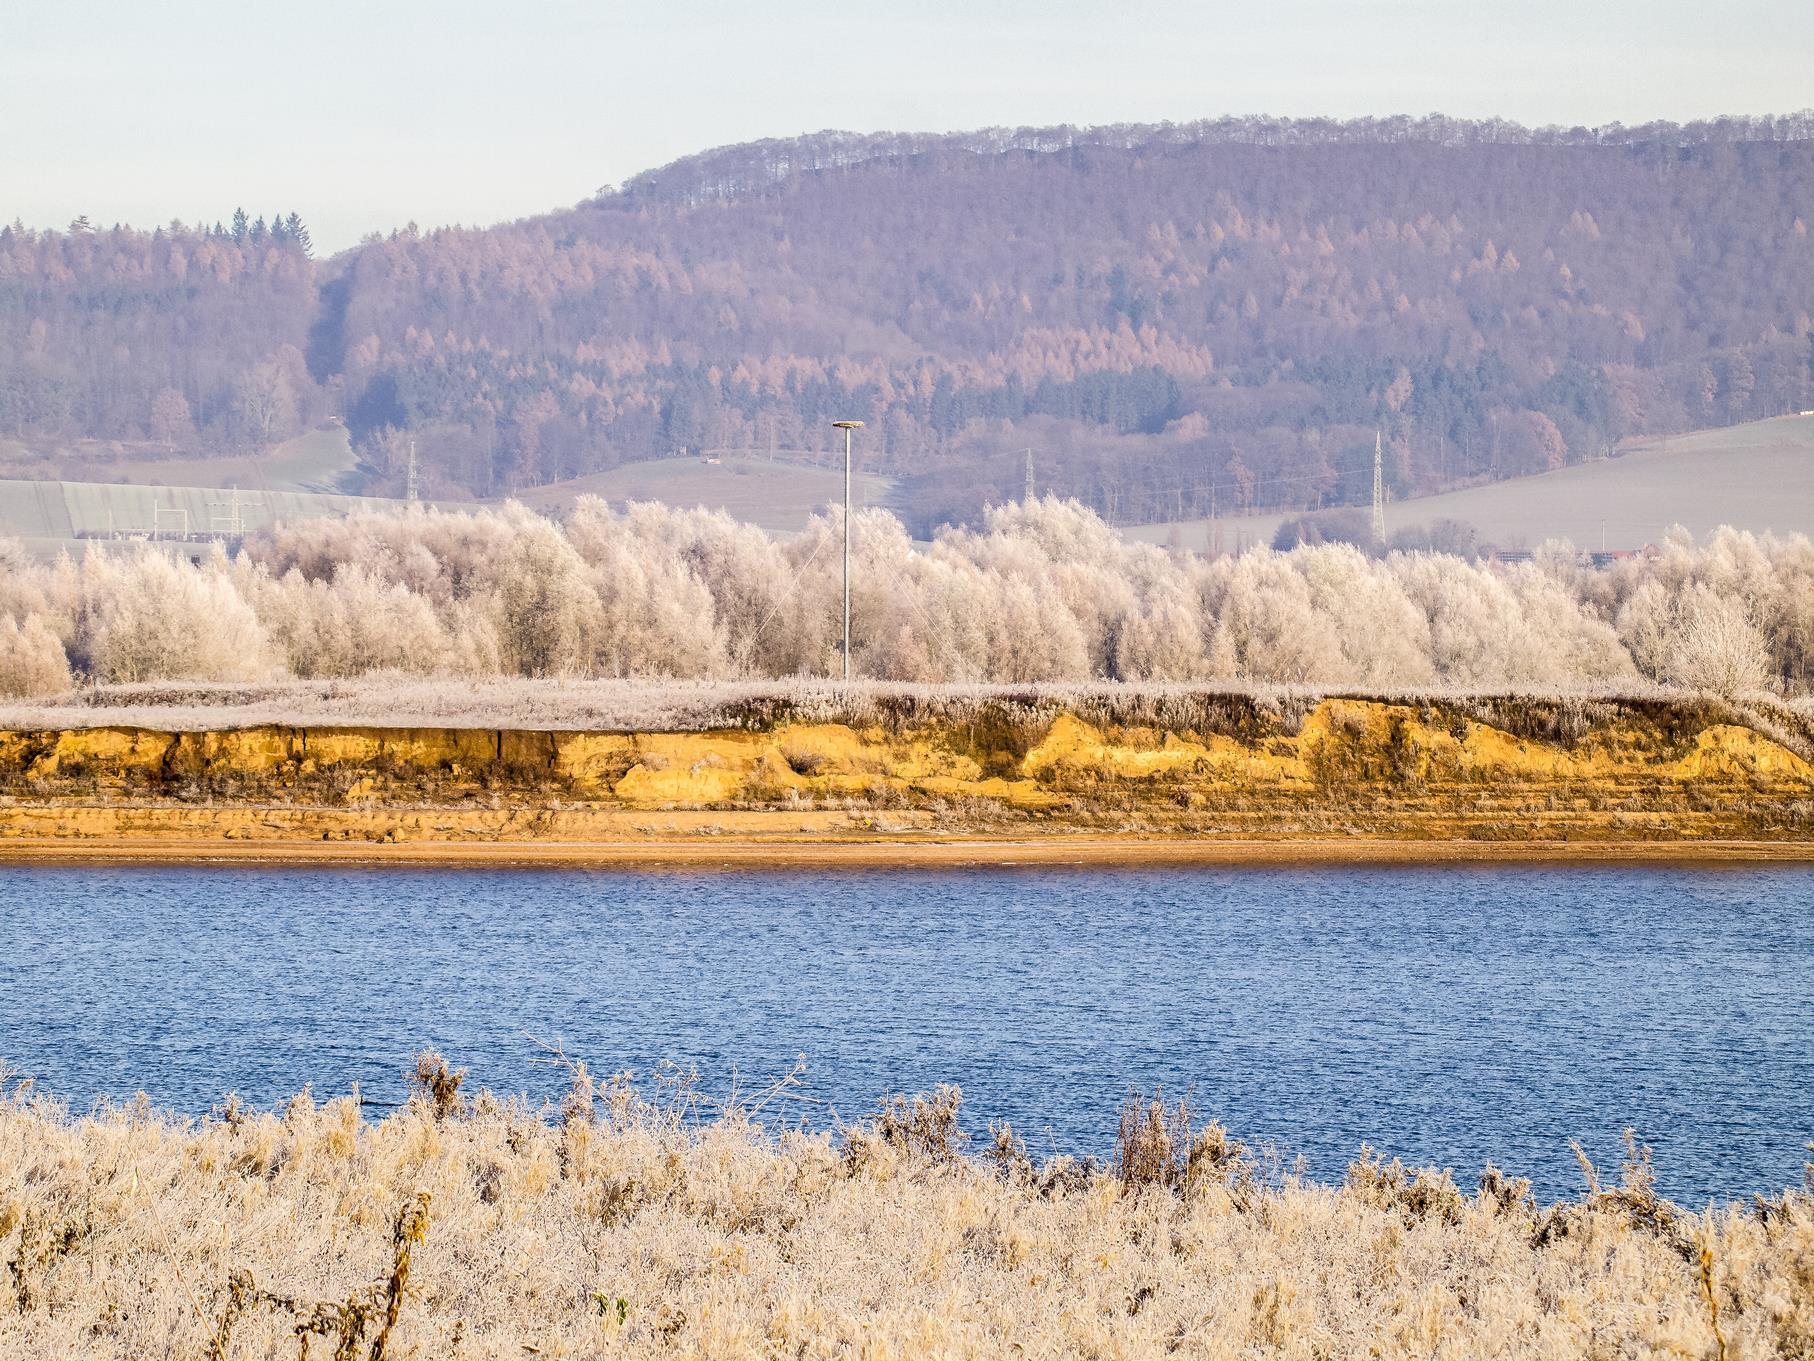 Der Winter hält Einzug in die Auenlandschaft.